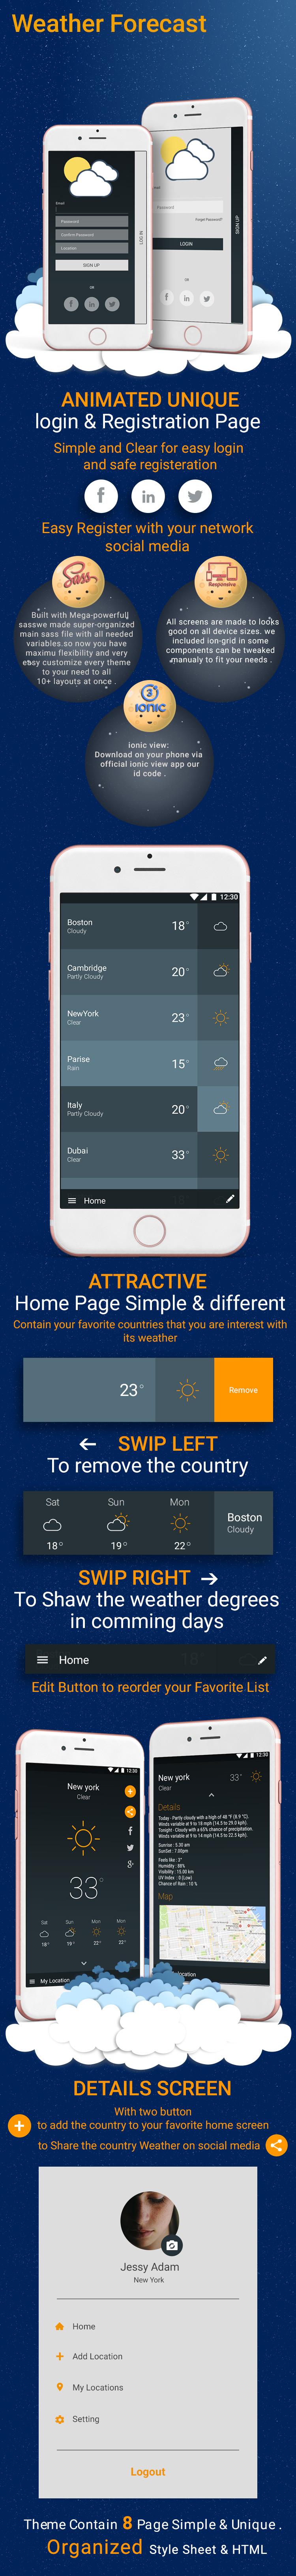 Weather-ionic app theme